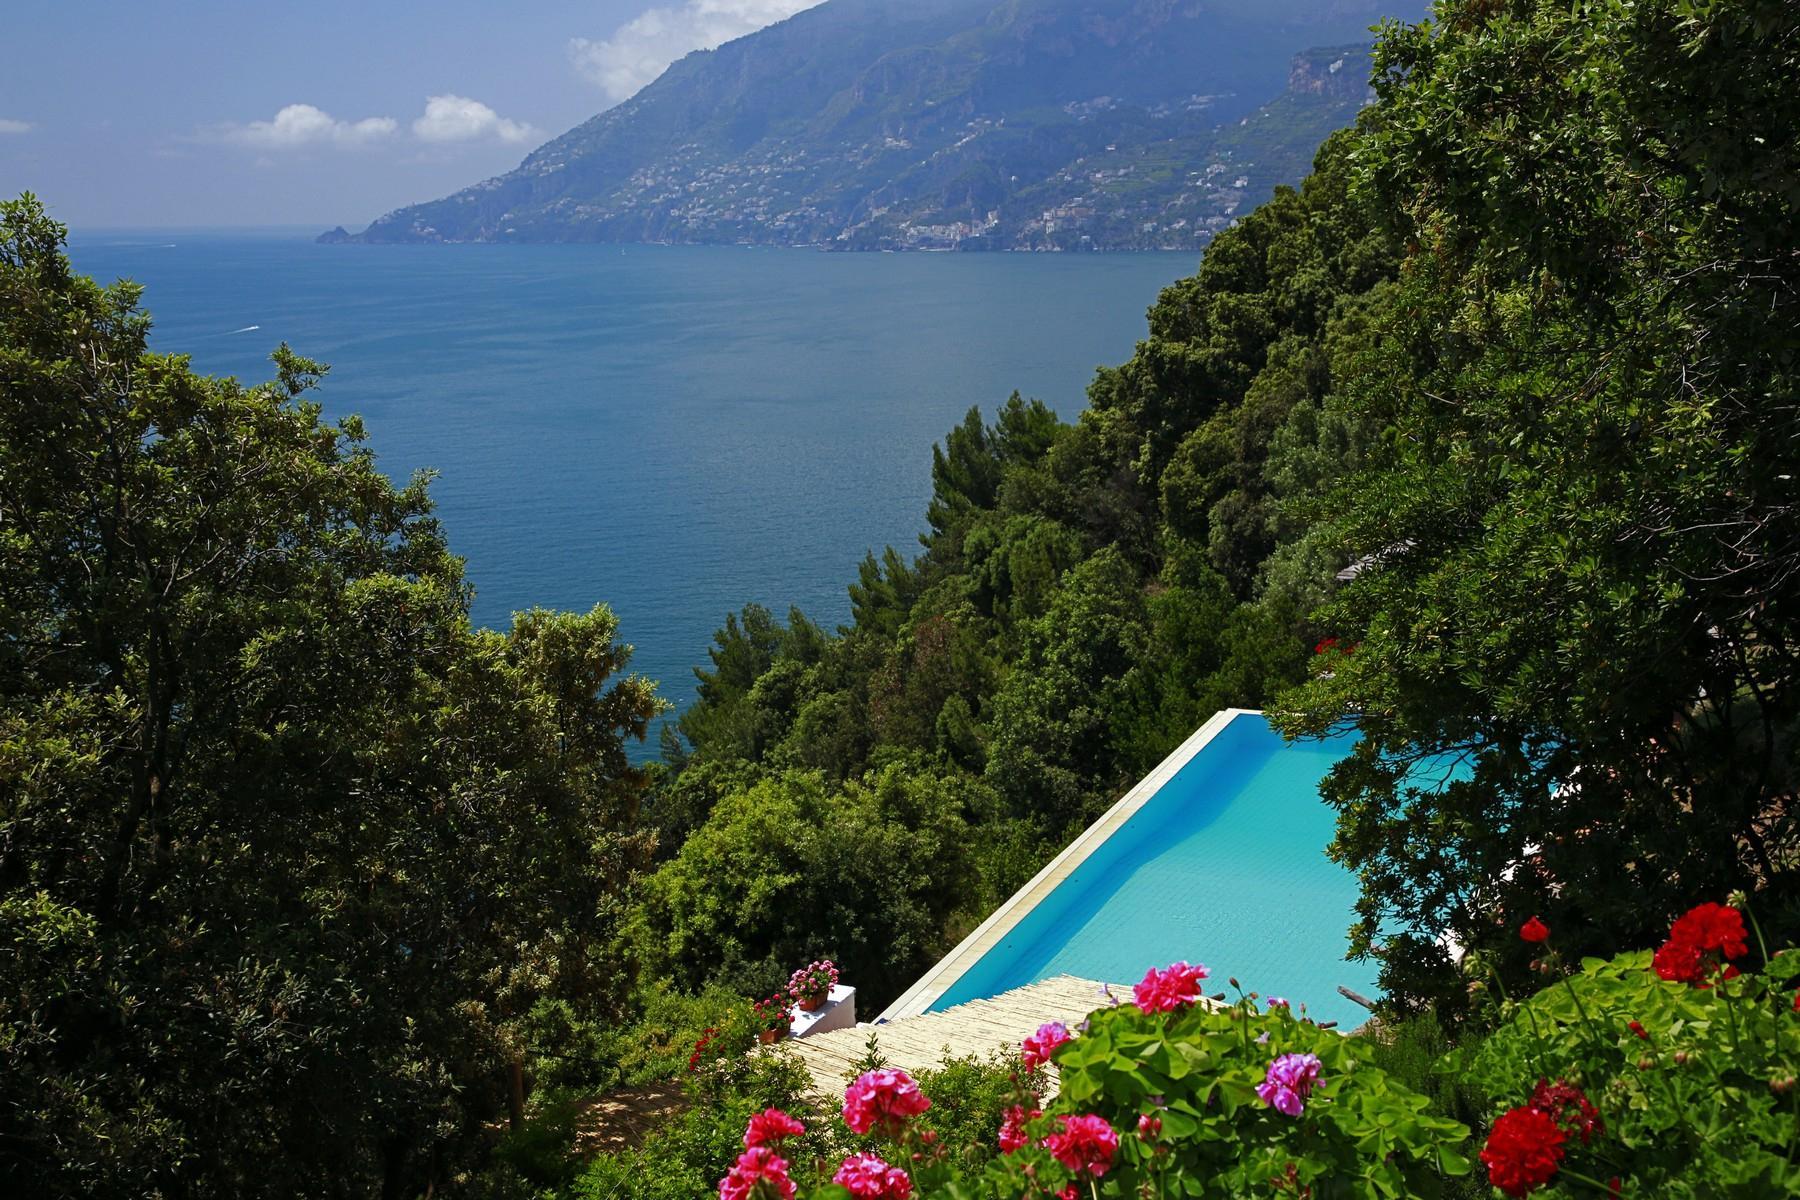 Pied-Dans-L'eau Villa an der Amalfitana Küste - 2